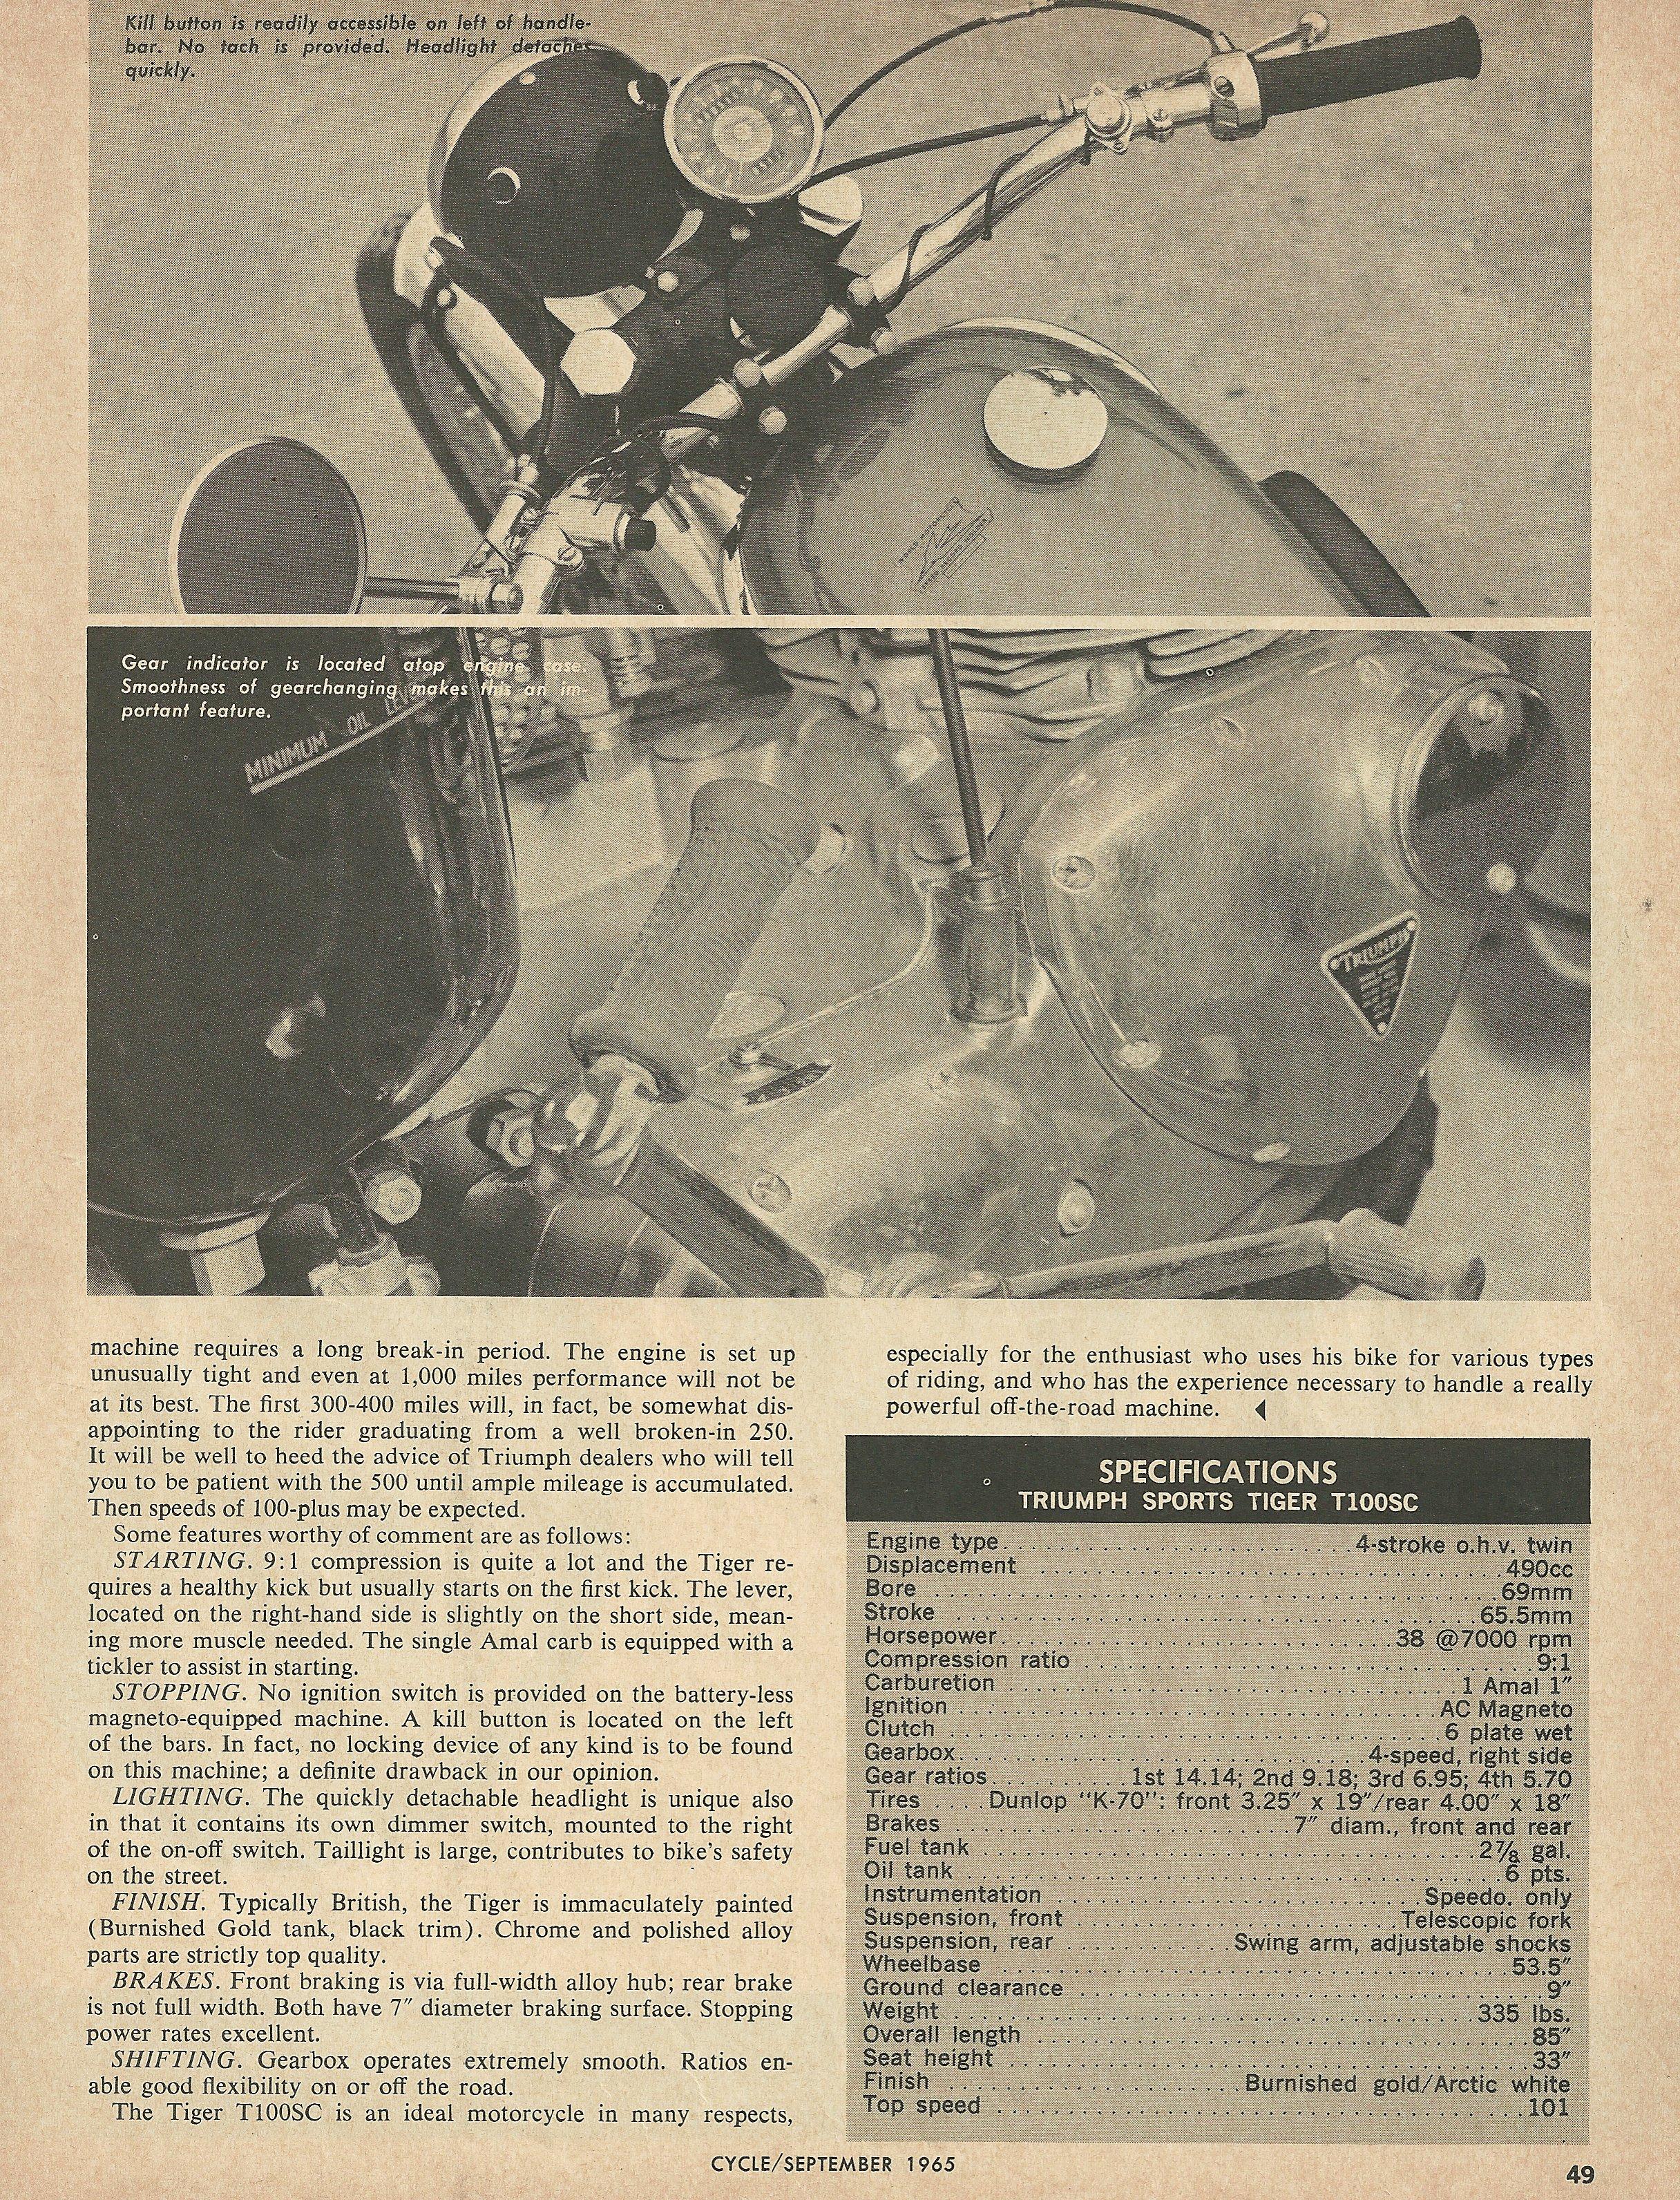 1966 Triumph Sports Tiger T100SC road test 3.JPG